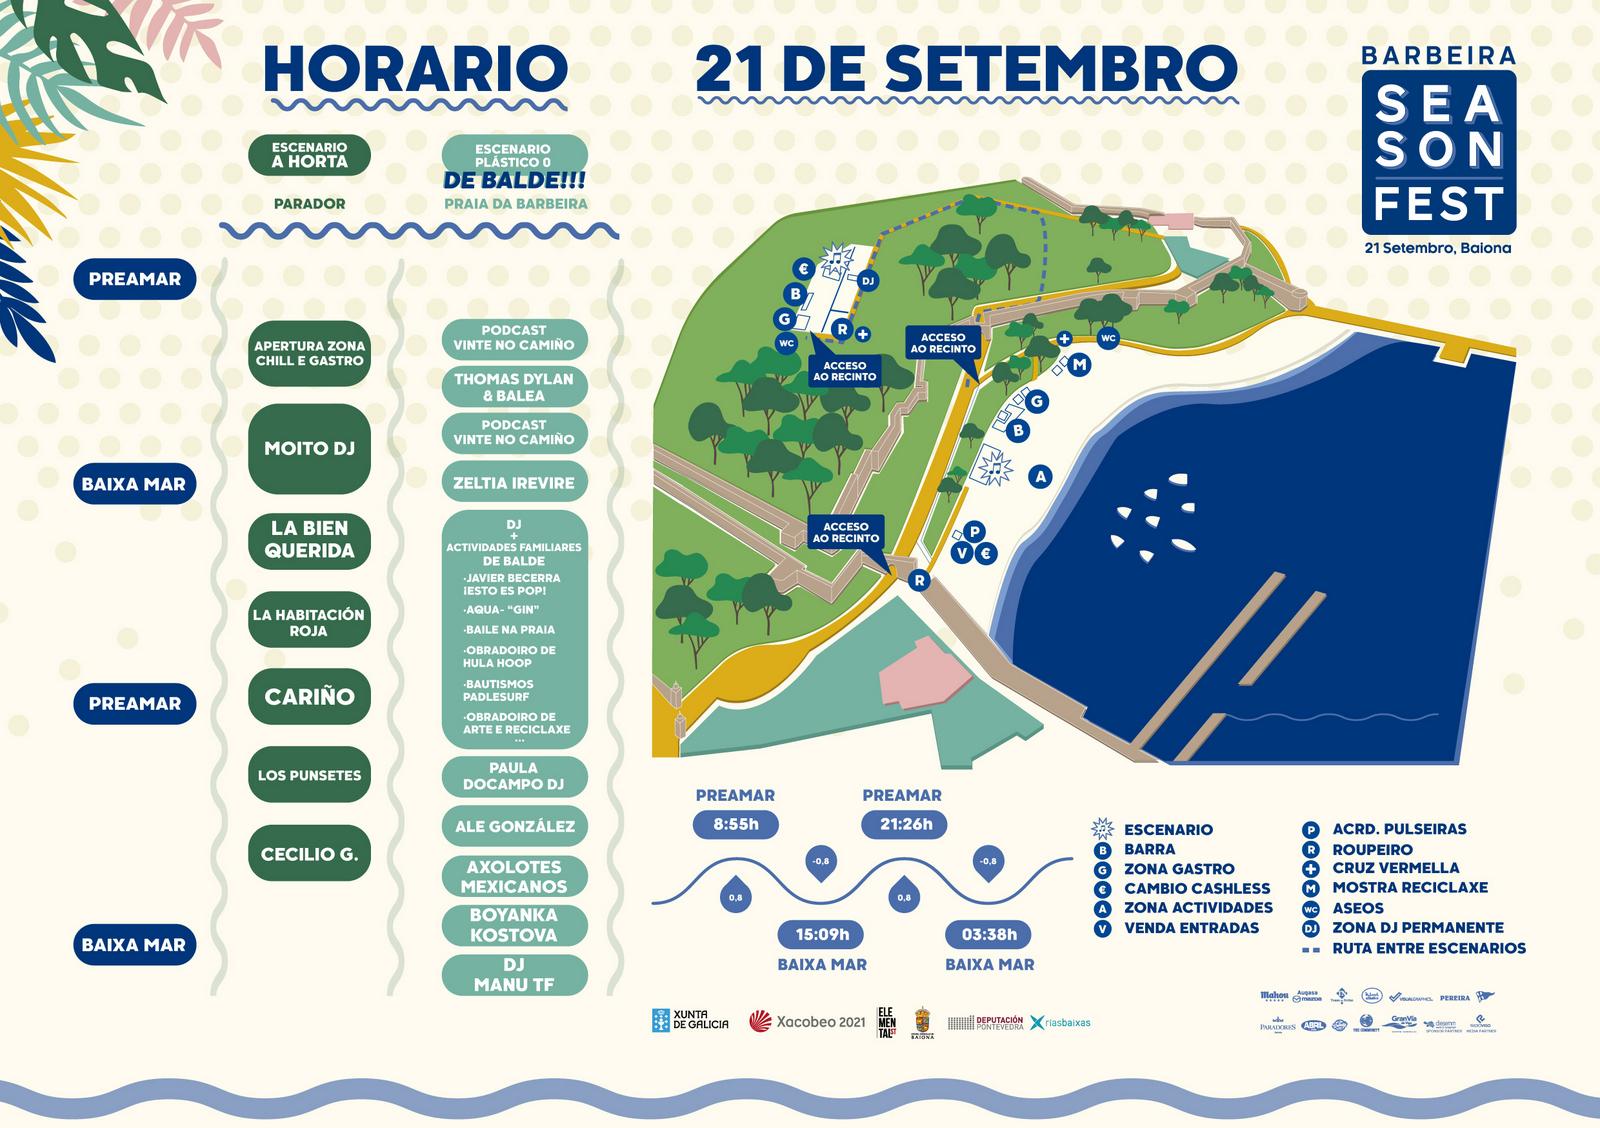 BARBEIRA SEASON FEST